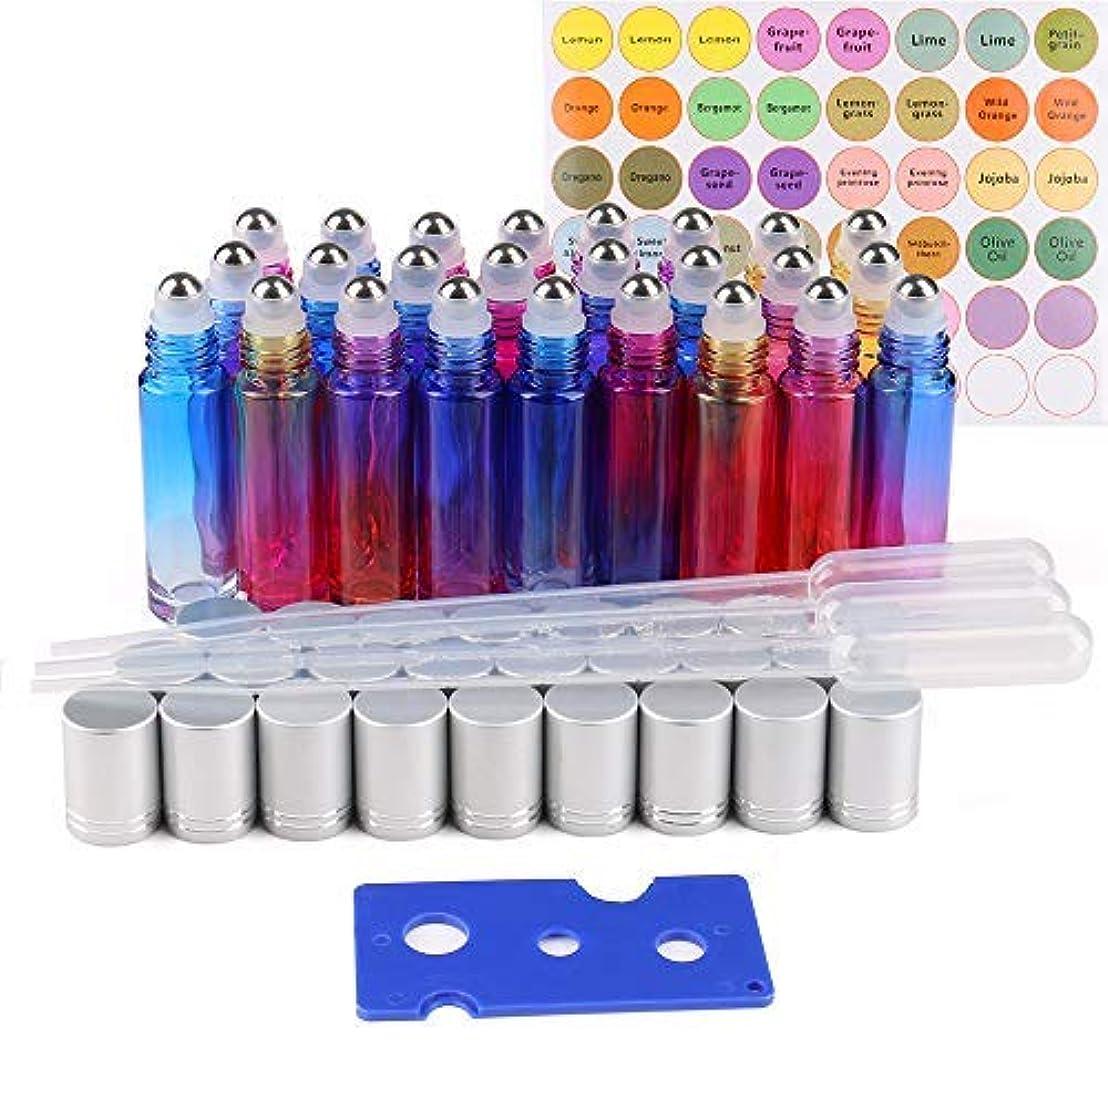 バンガロースナップ十代25 Pack Essential Oil Roller Bottles, 10ml Gradient Color Roll on Bottles with Stainless Steel Roller Balls for...